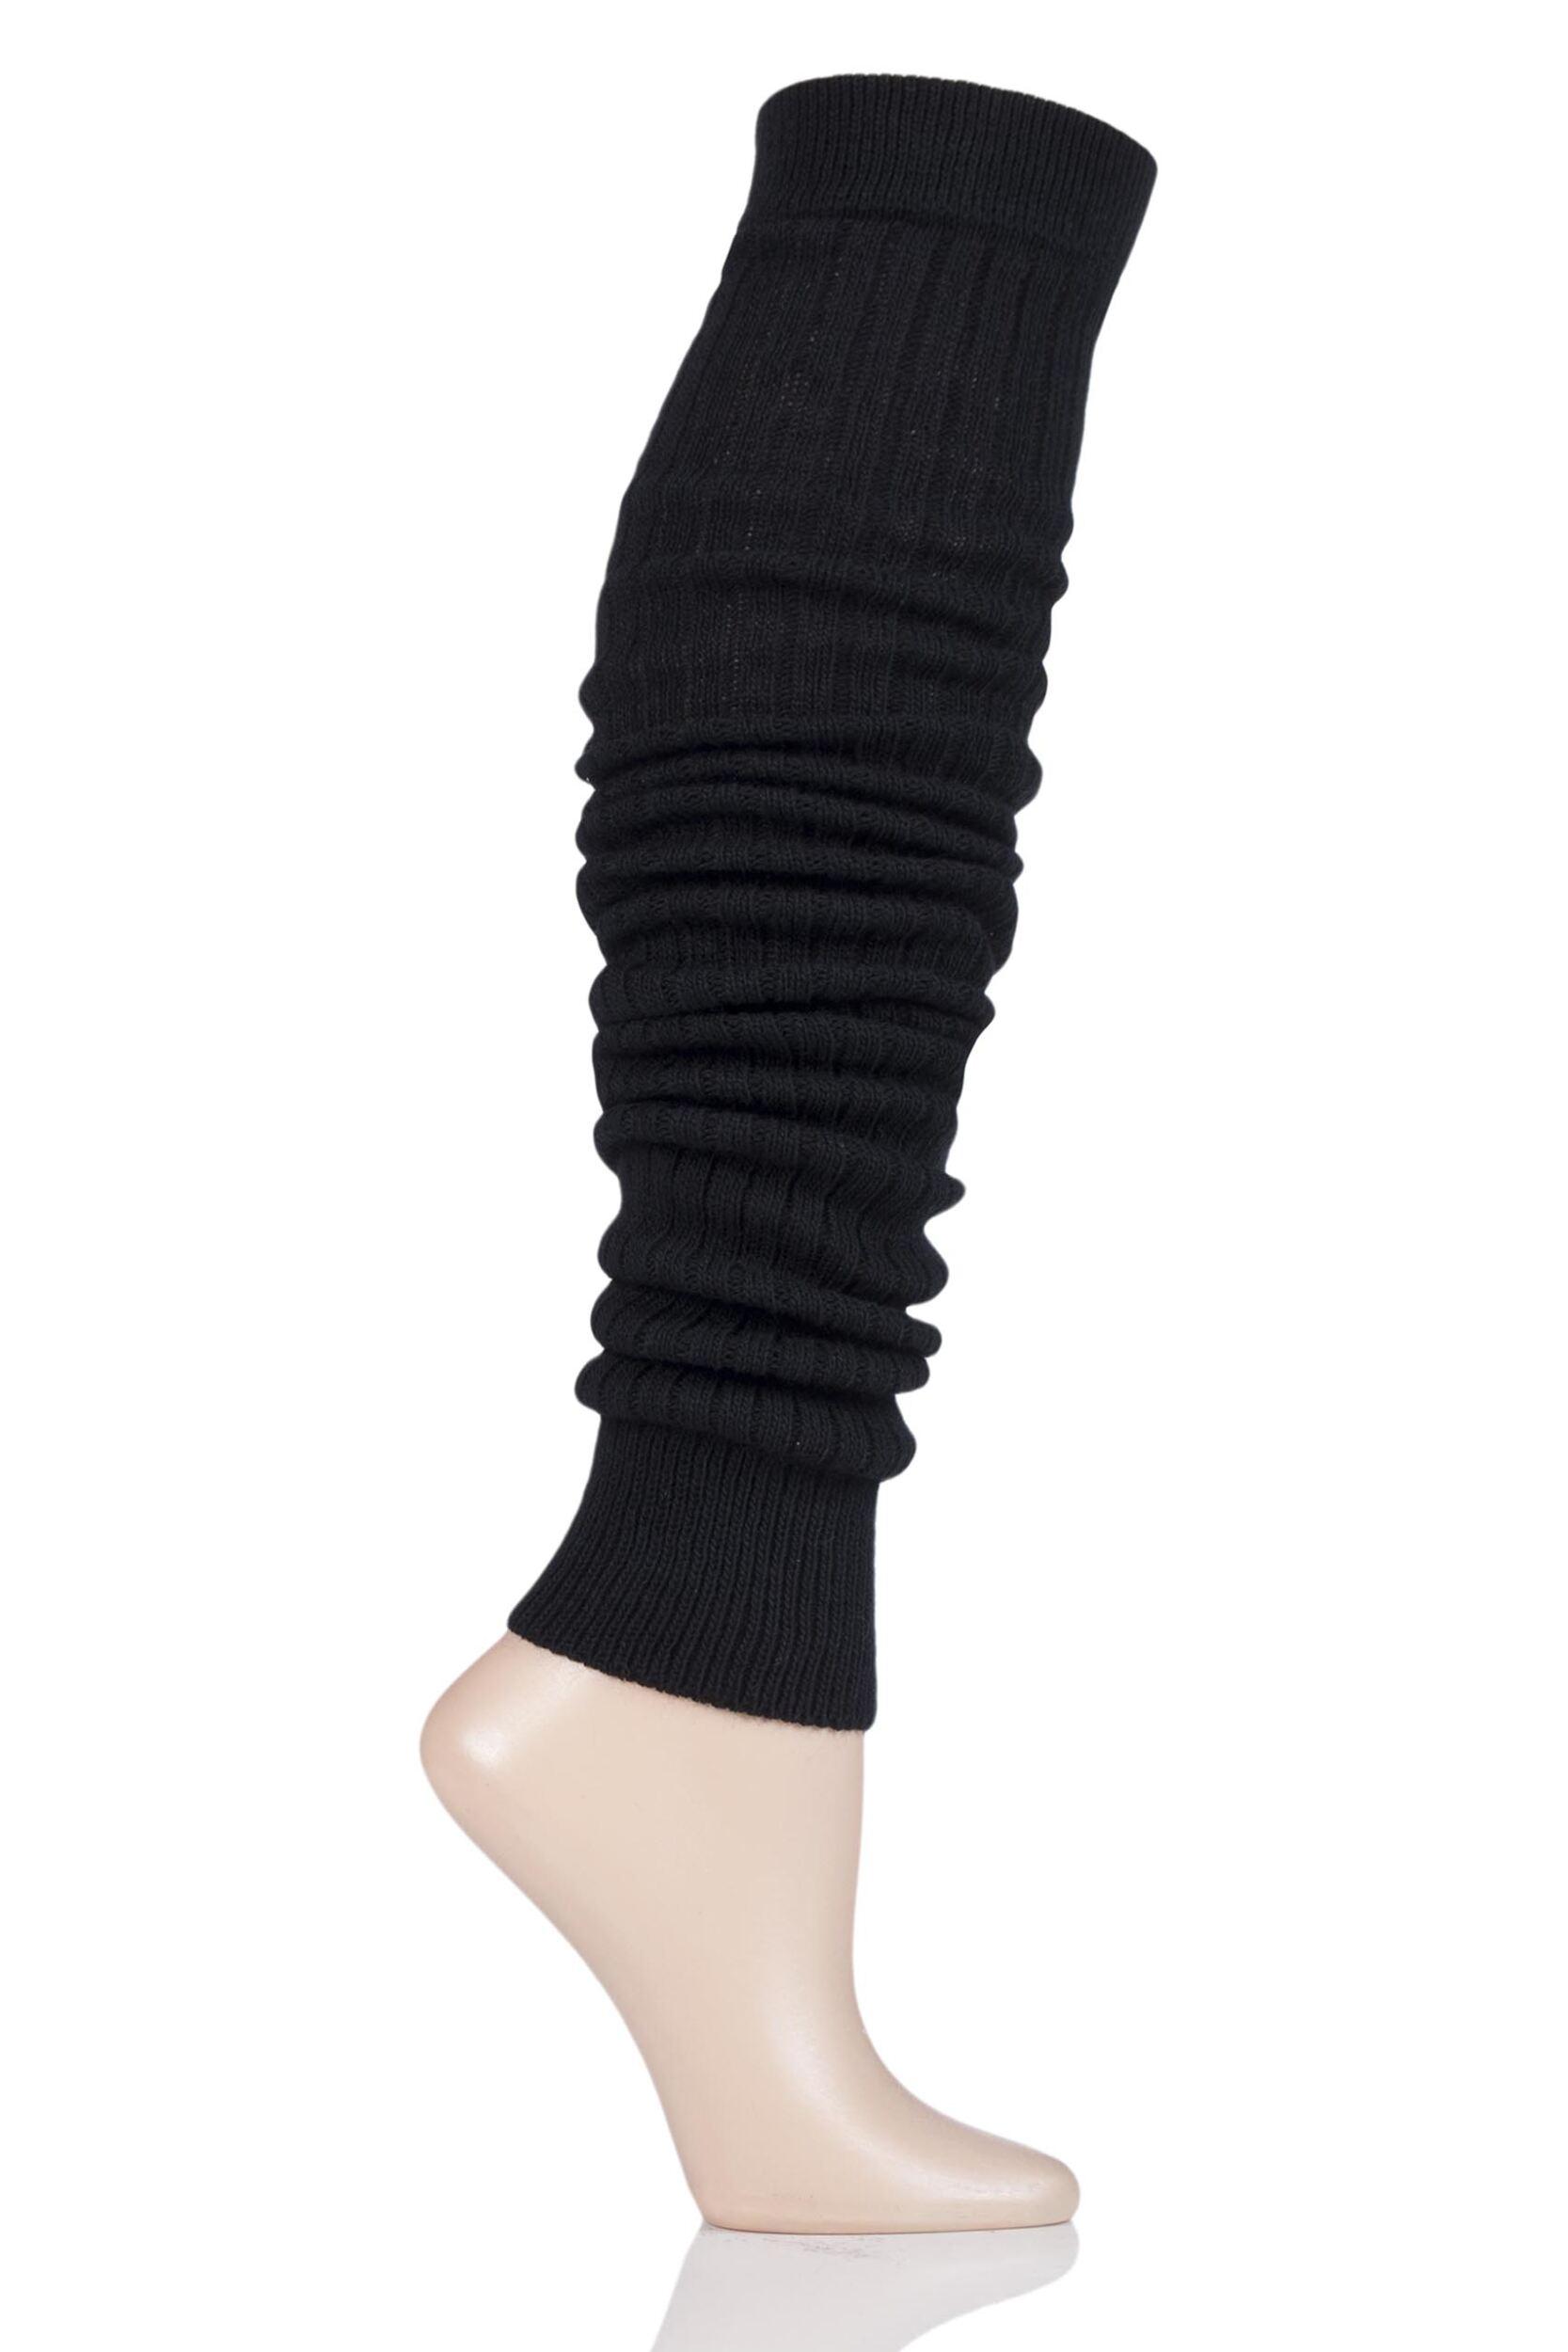 Image of Ladies 1 Pair Jonathan Aston Snug Leg Warmers